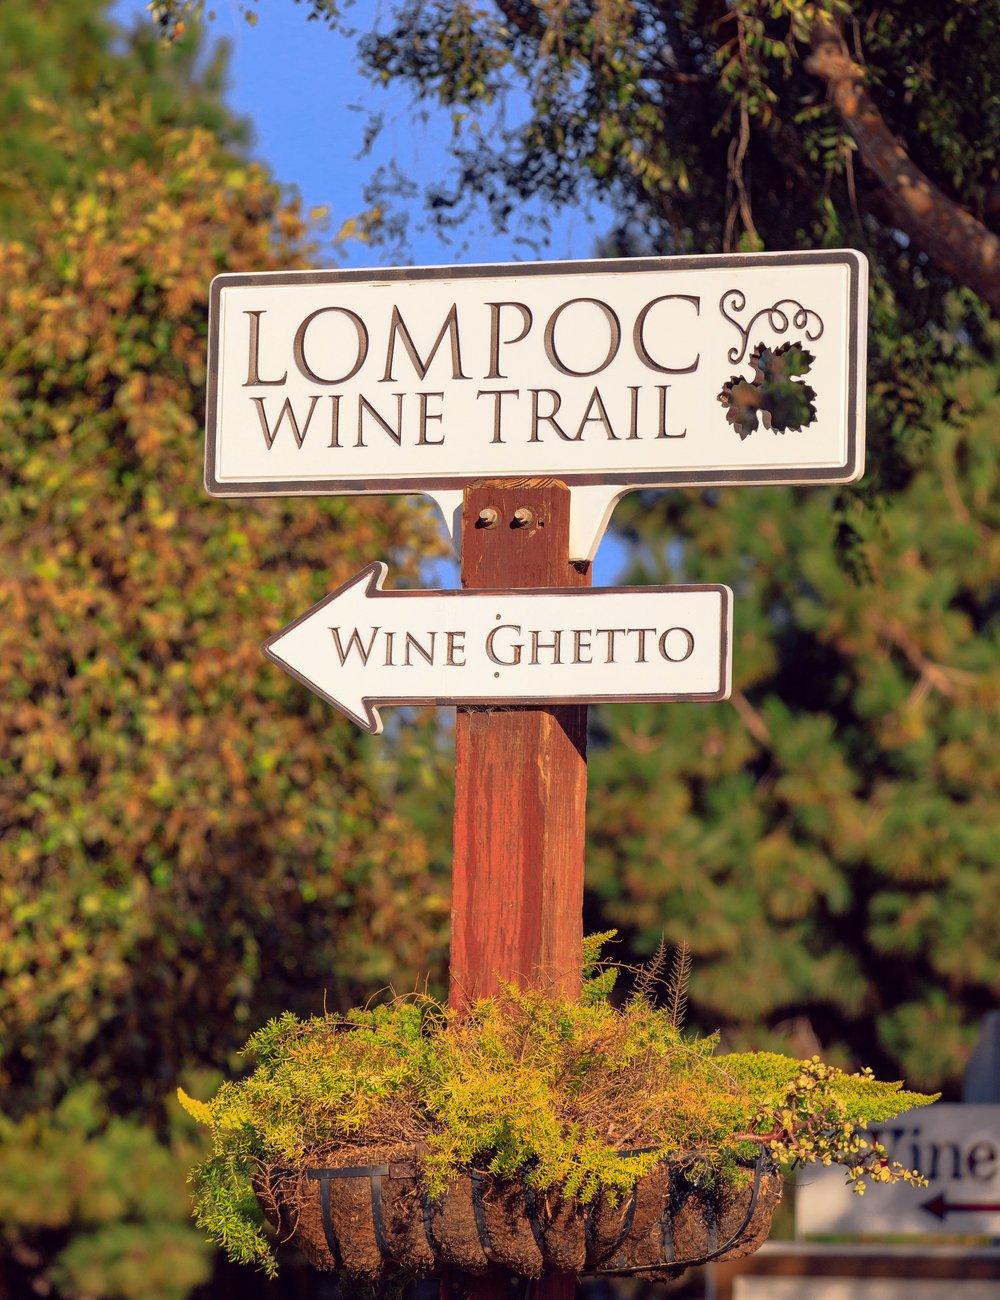 WineTasting_Wine_Trail_Sign_BottleBranding.jpg